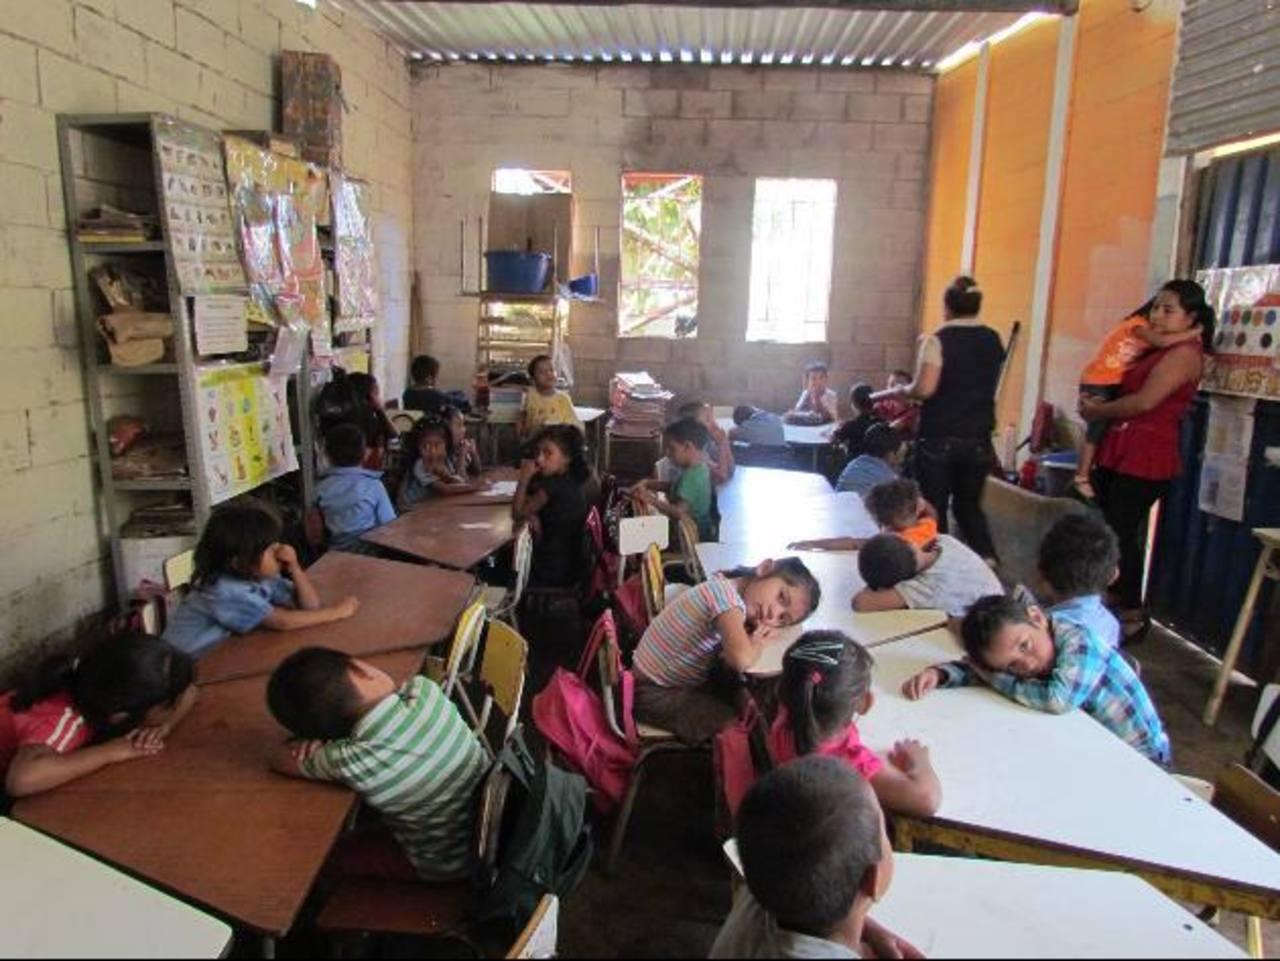 El sistema educativo necesita de más recursos para incrementar escolaridad promedio. foto edh /mauricio guevara